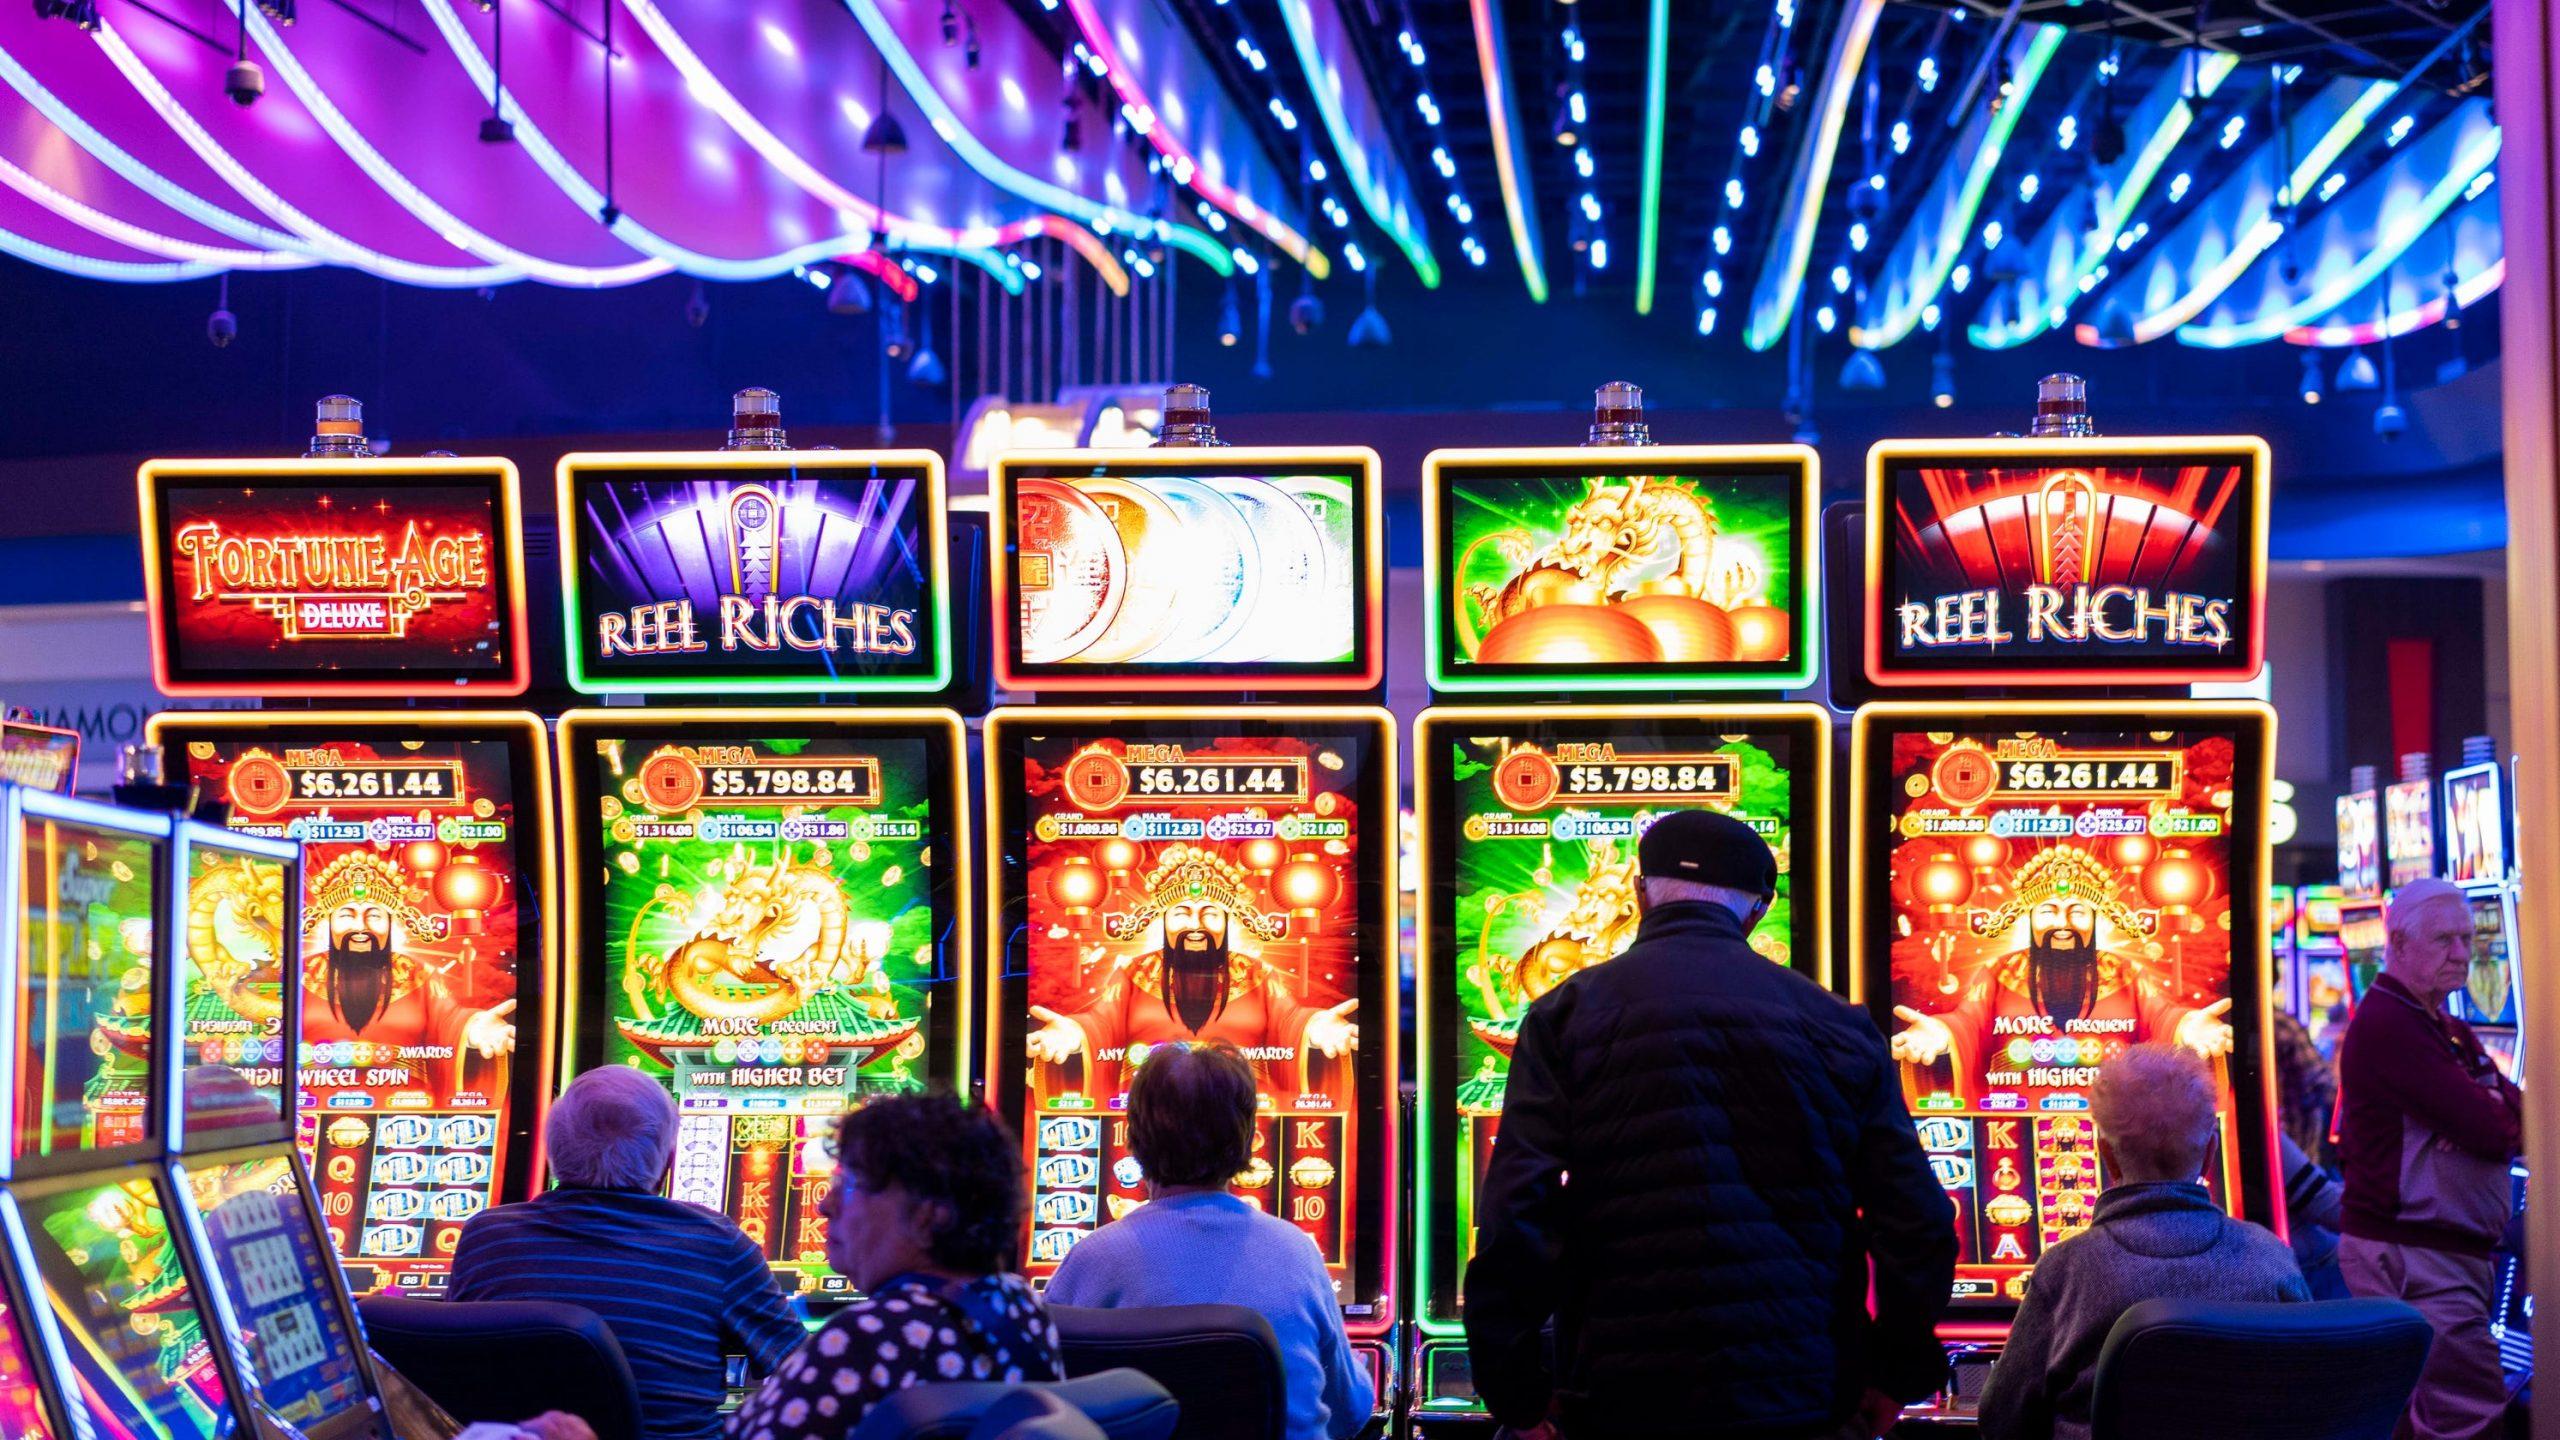 Kasino Desert Diamond West Valley dekat Glendale akan dibuka kembali pada 5 Juni